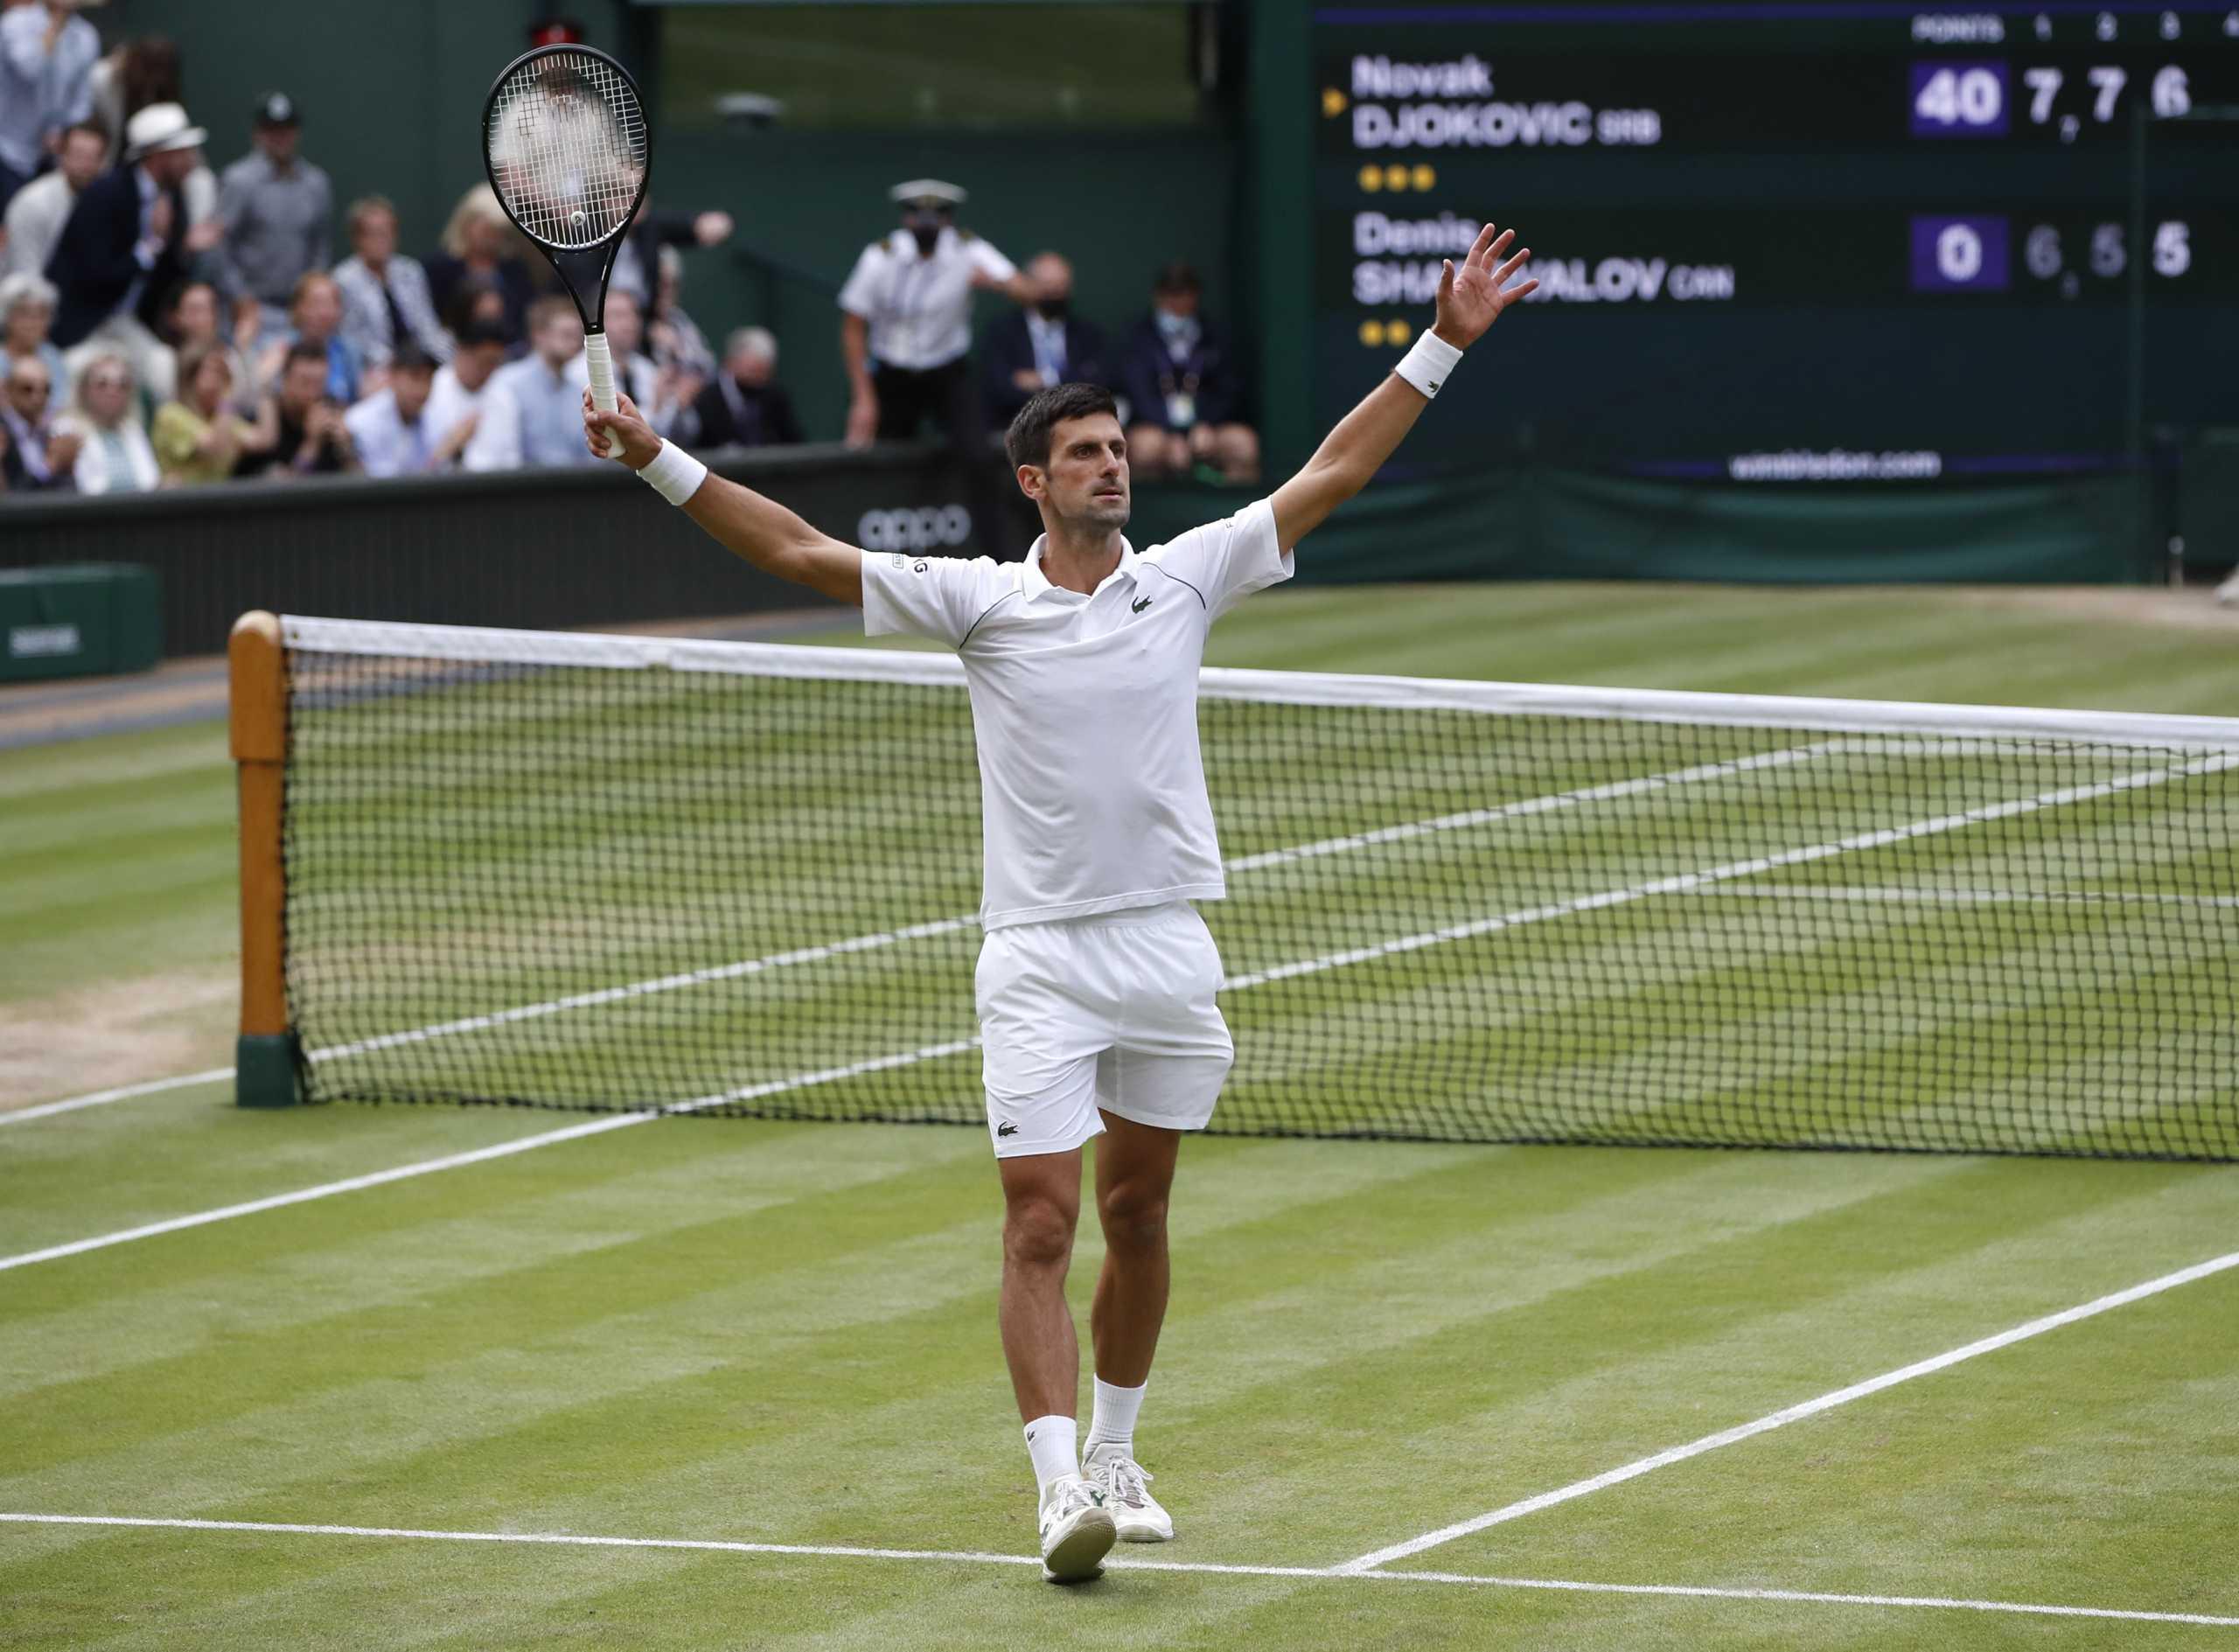 Ο Νόβακ Τζόκοβιτς γράφει ιστορία στο Wimbledon – Στον τελικό για το 20ο Grand Slam